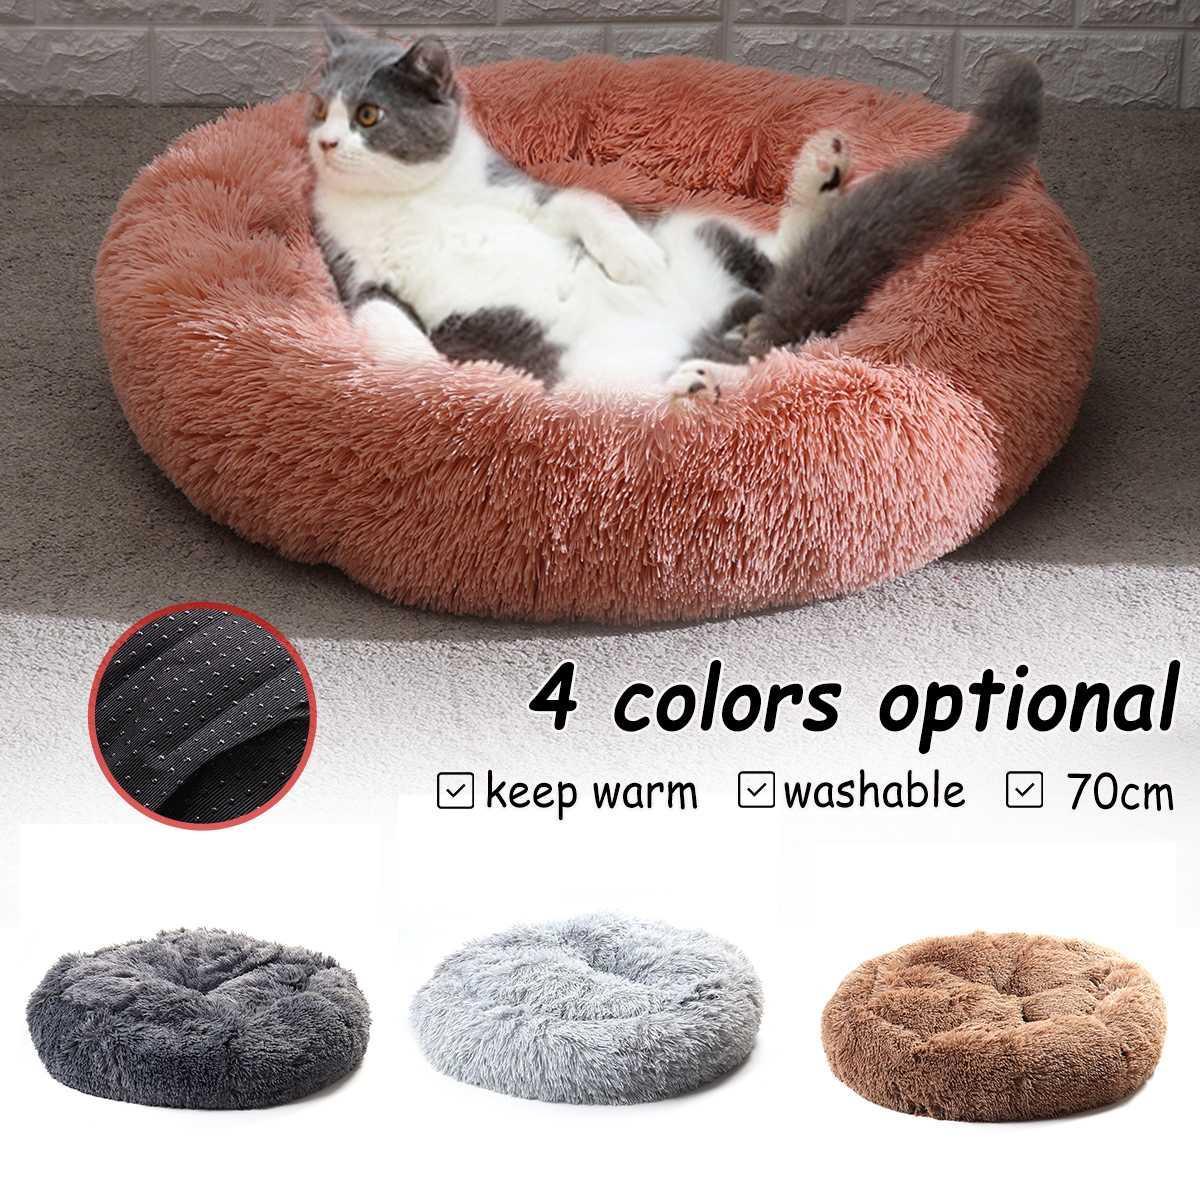 70cm Küçük Orta Köpekler Kedi Uzun Peluş Kış Köpek Kennel Köpek Mat Yatak Lounger Sofa için Polar Köpek Yatak Yuvarlak Pet Yastık Isınma